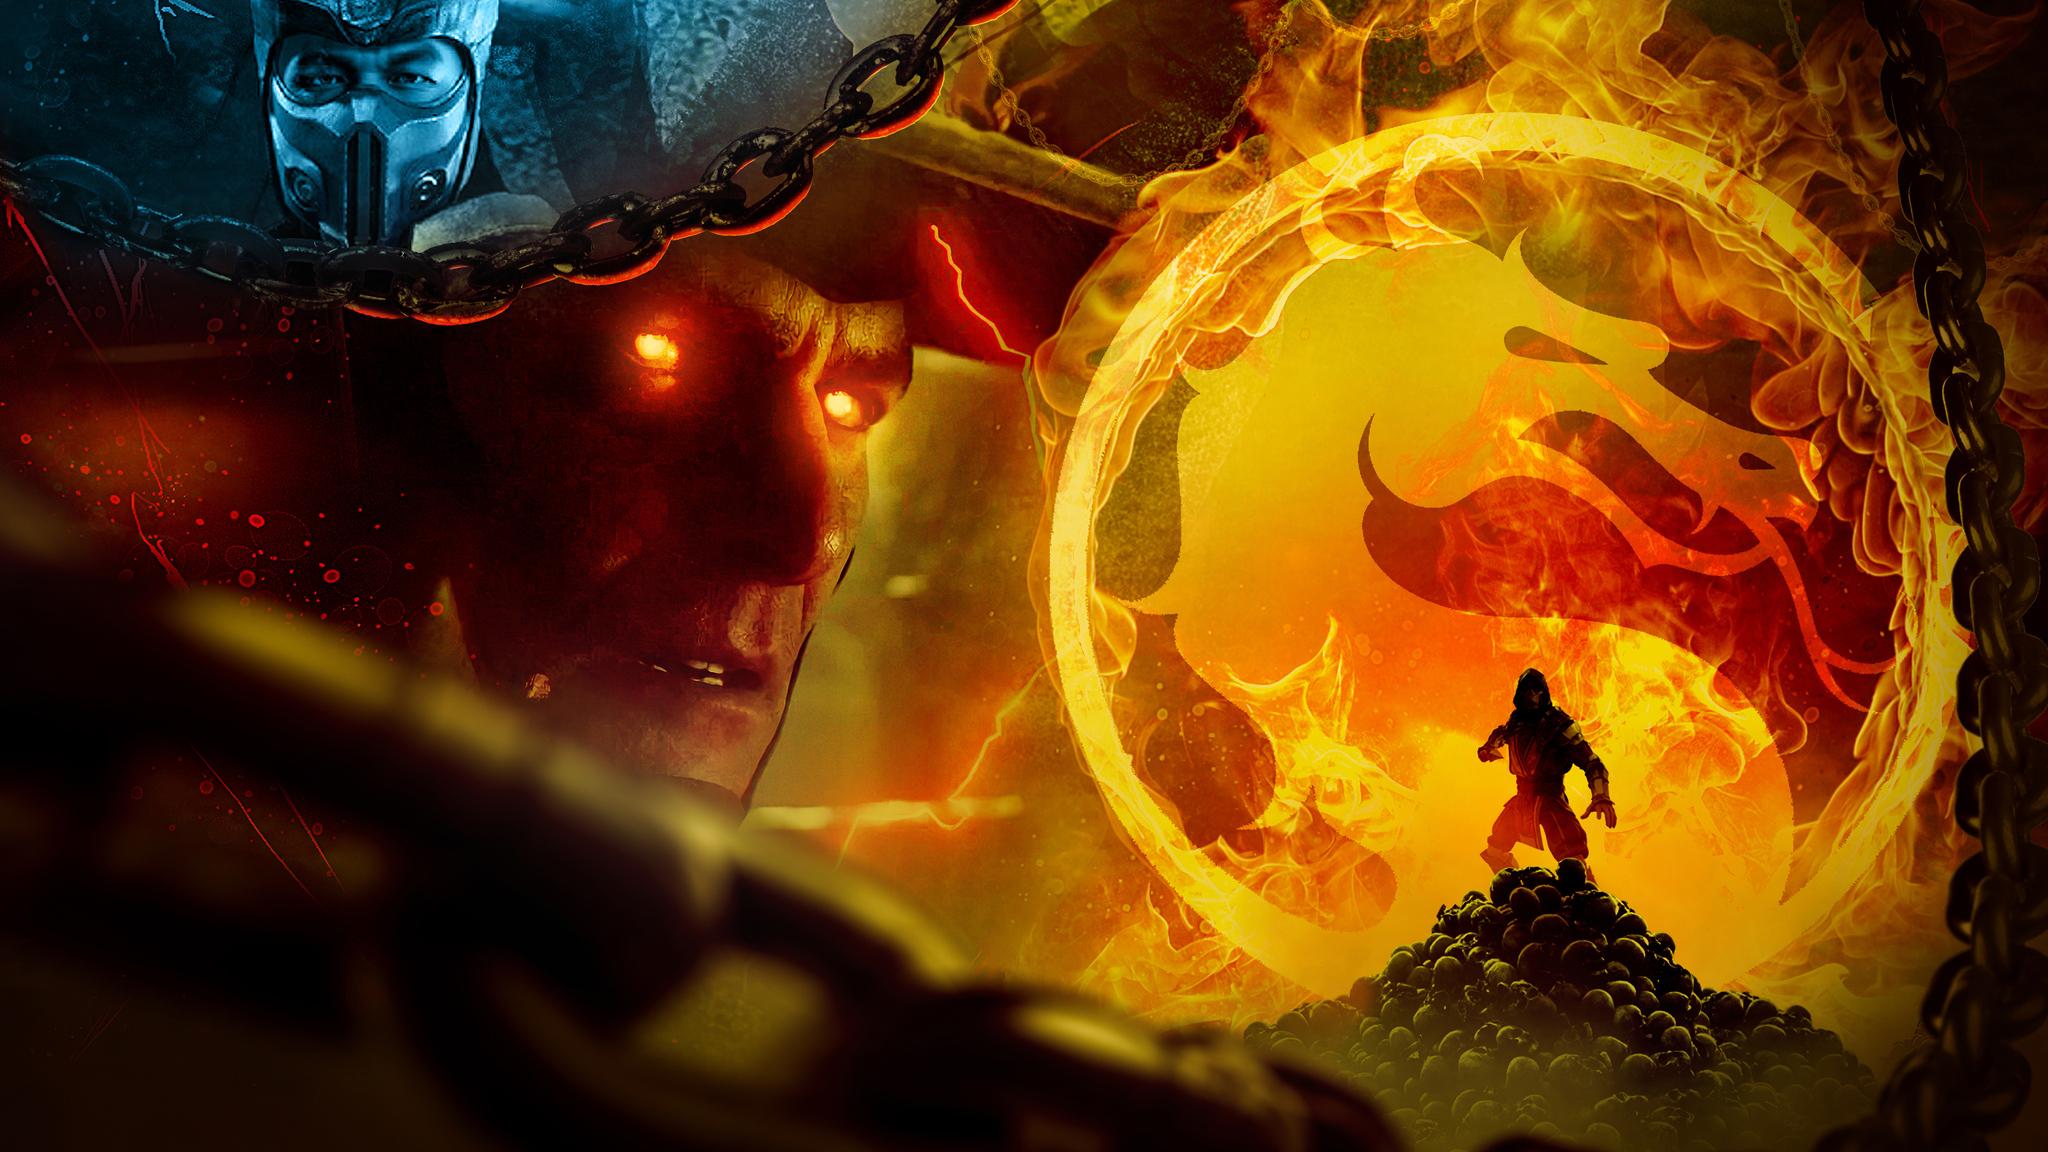 2048x1152 Mortal Kombat 11 Art 4k 2048x1152 Resolution Hd 4k